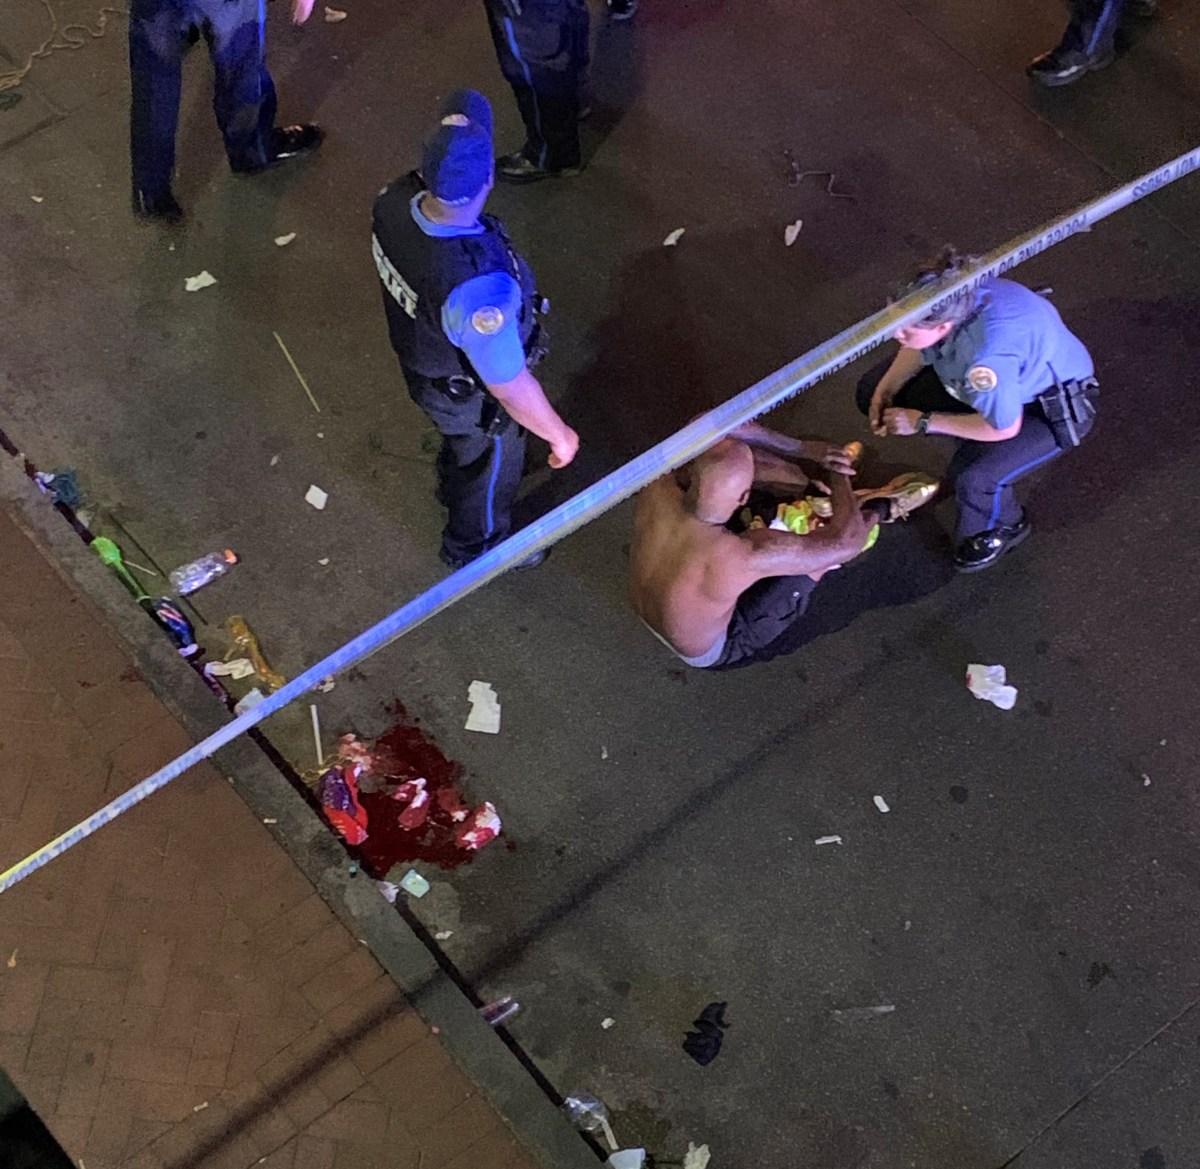 Twerking Bourbon Street revelers obstructed first responders en route to help injured man